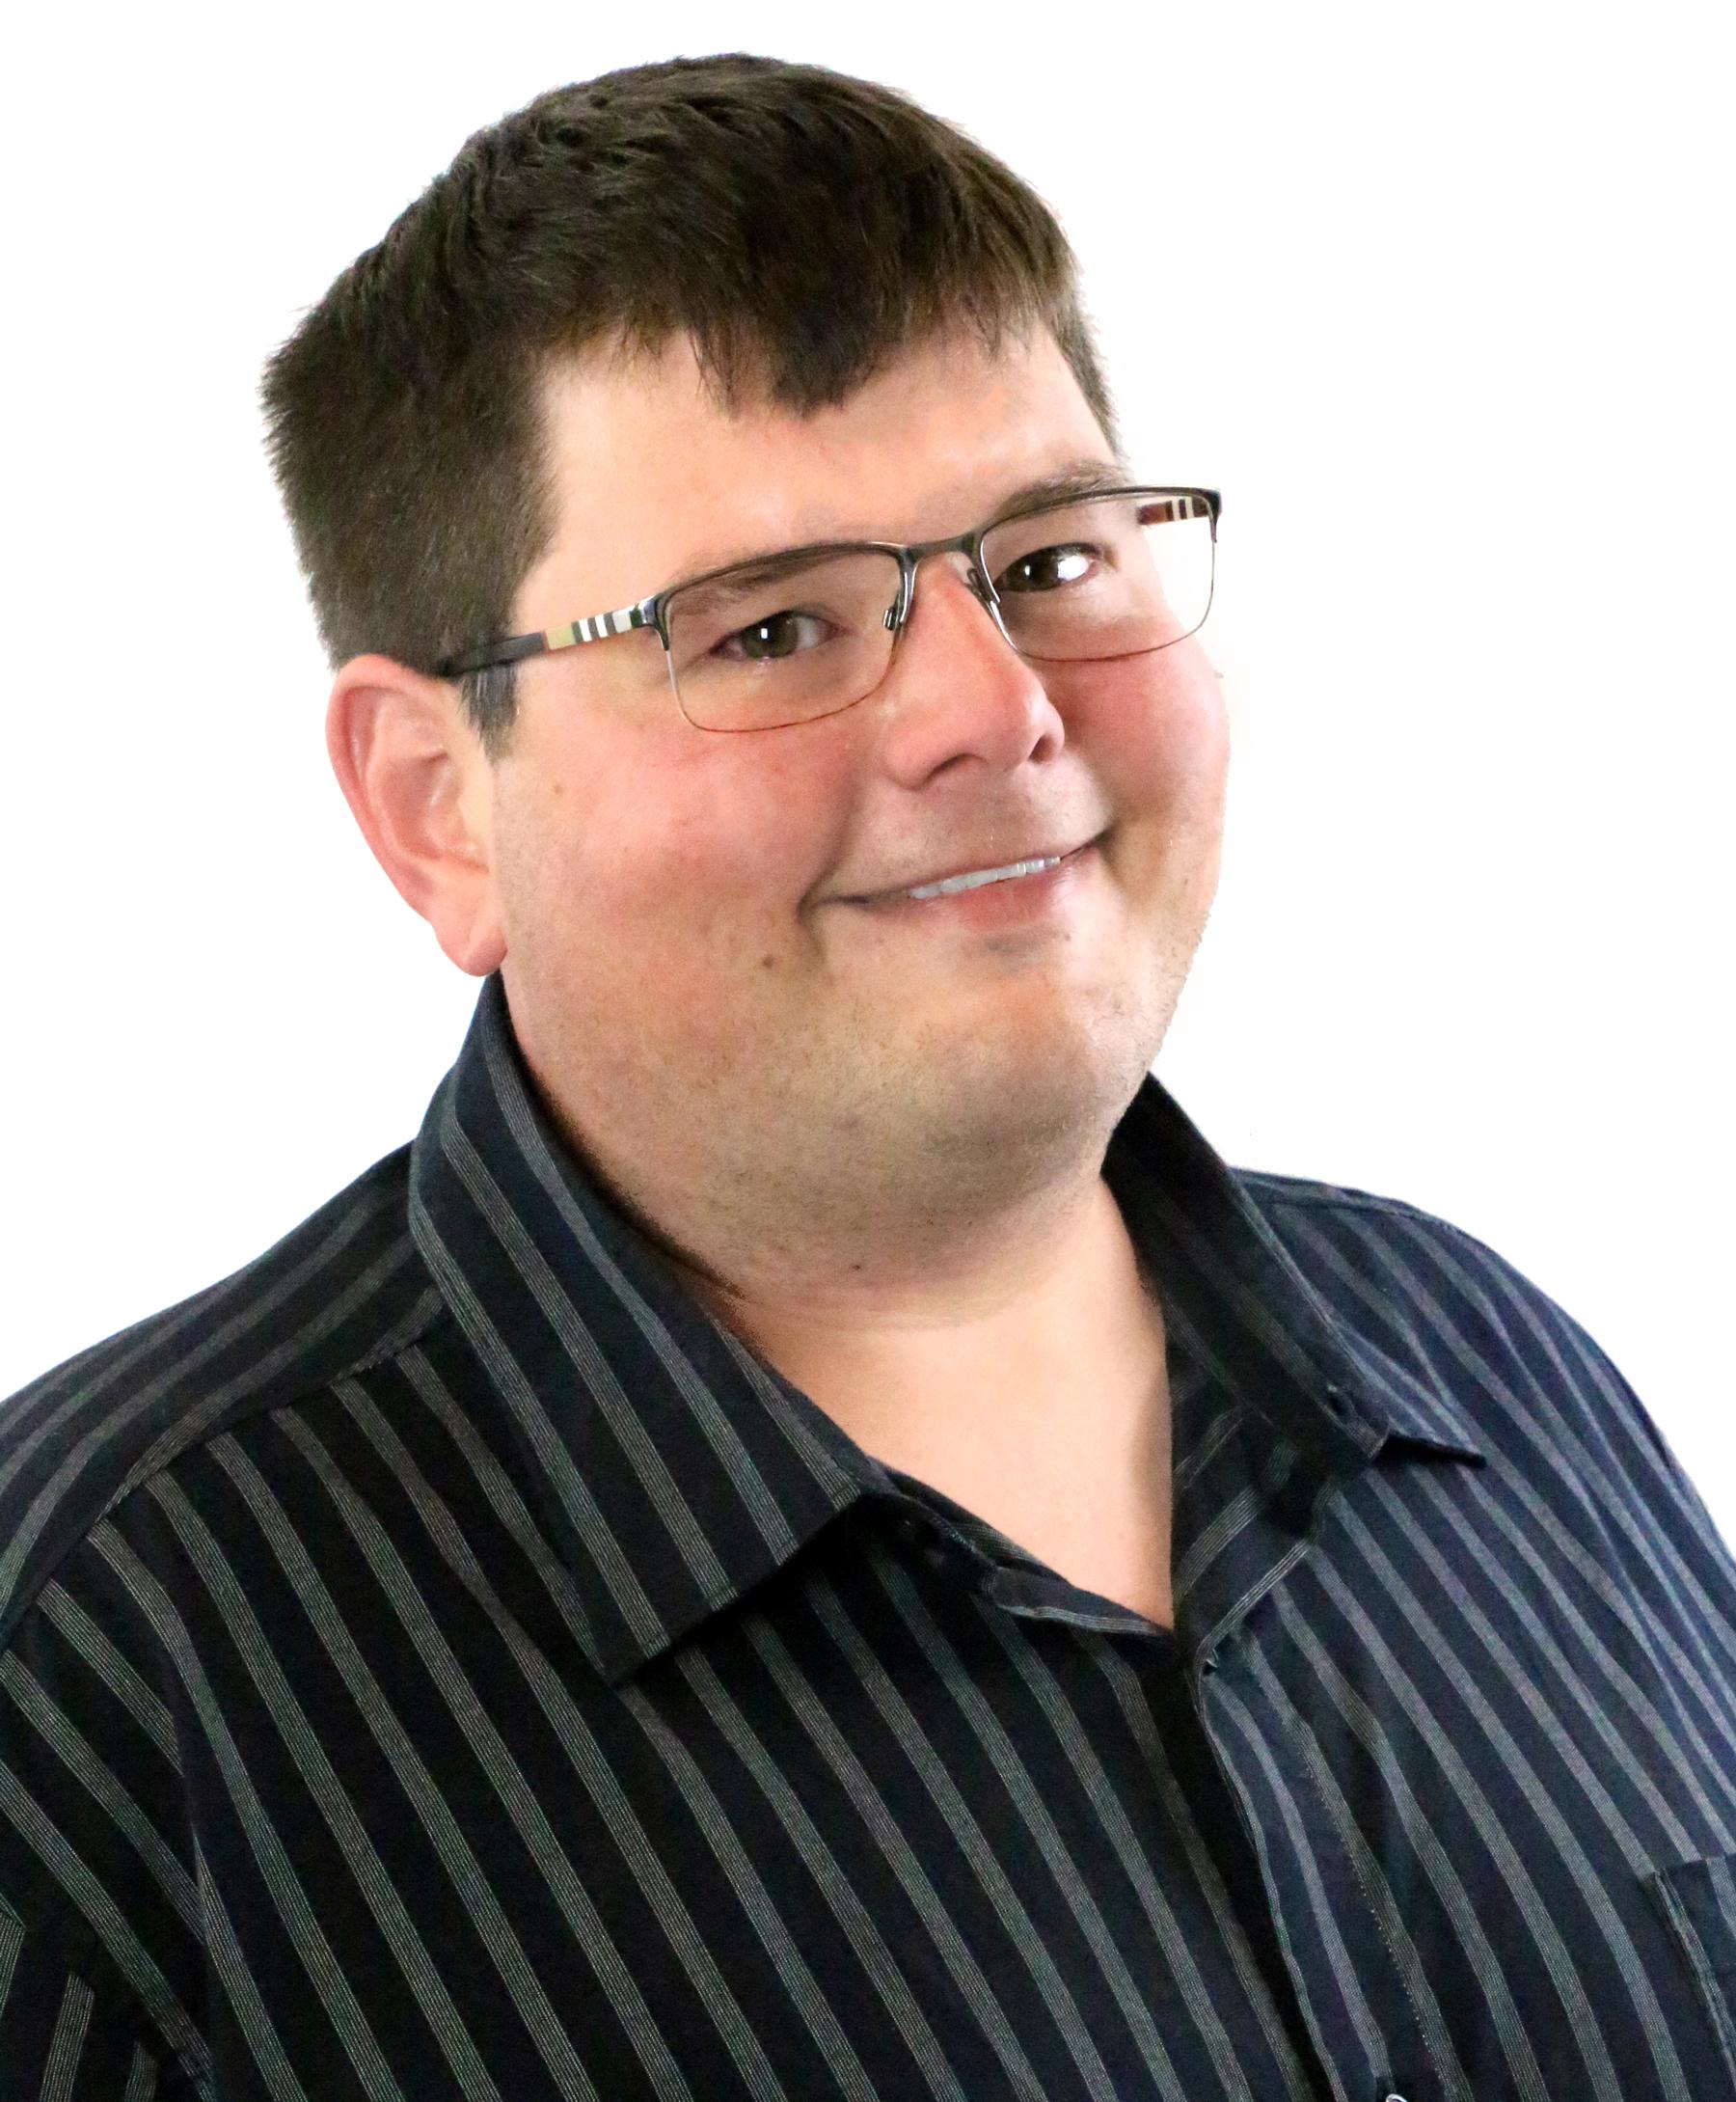 Kirk Pfaff